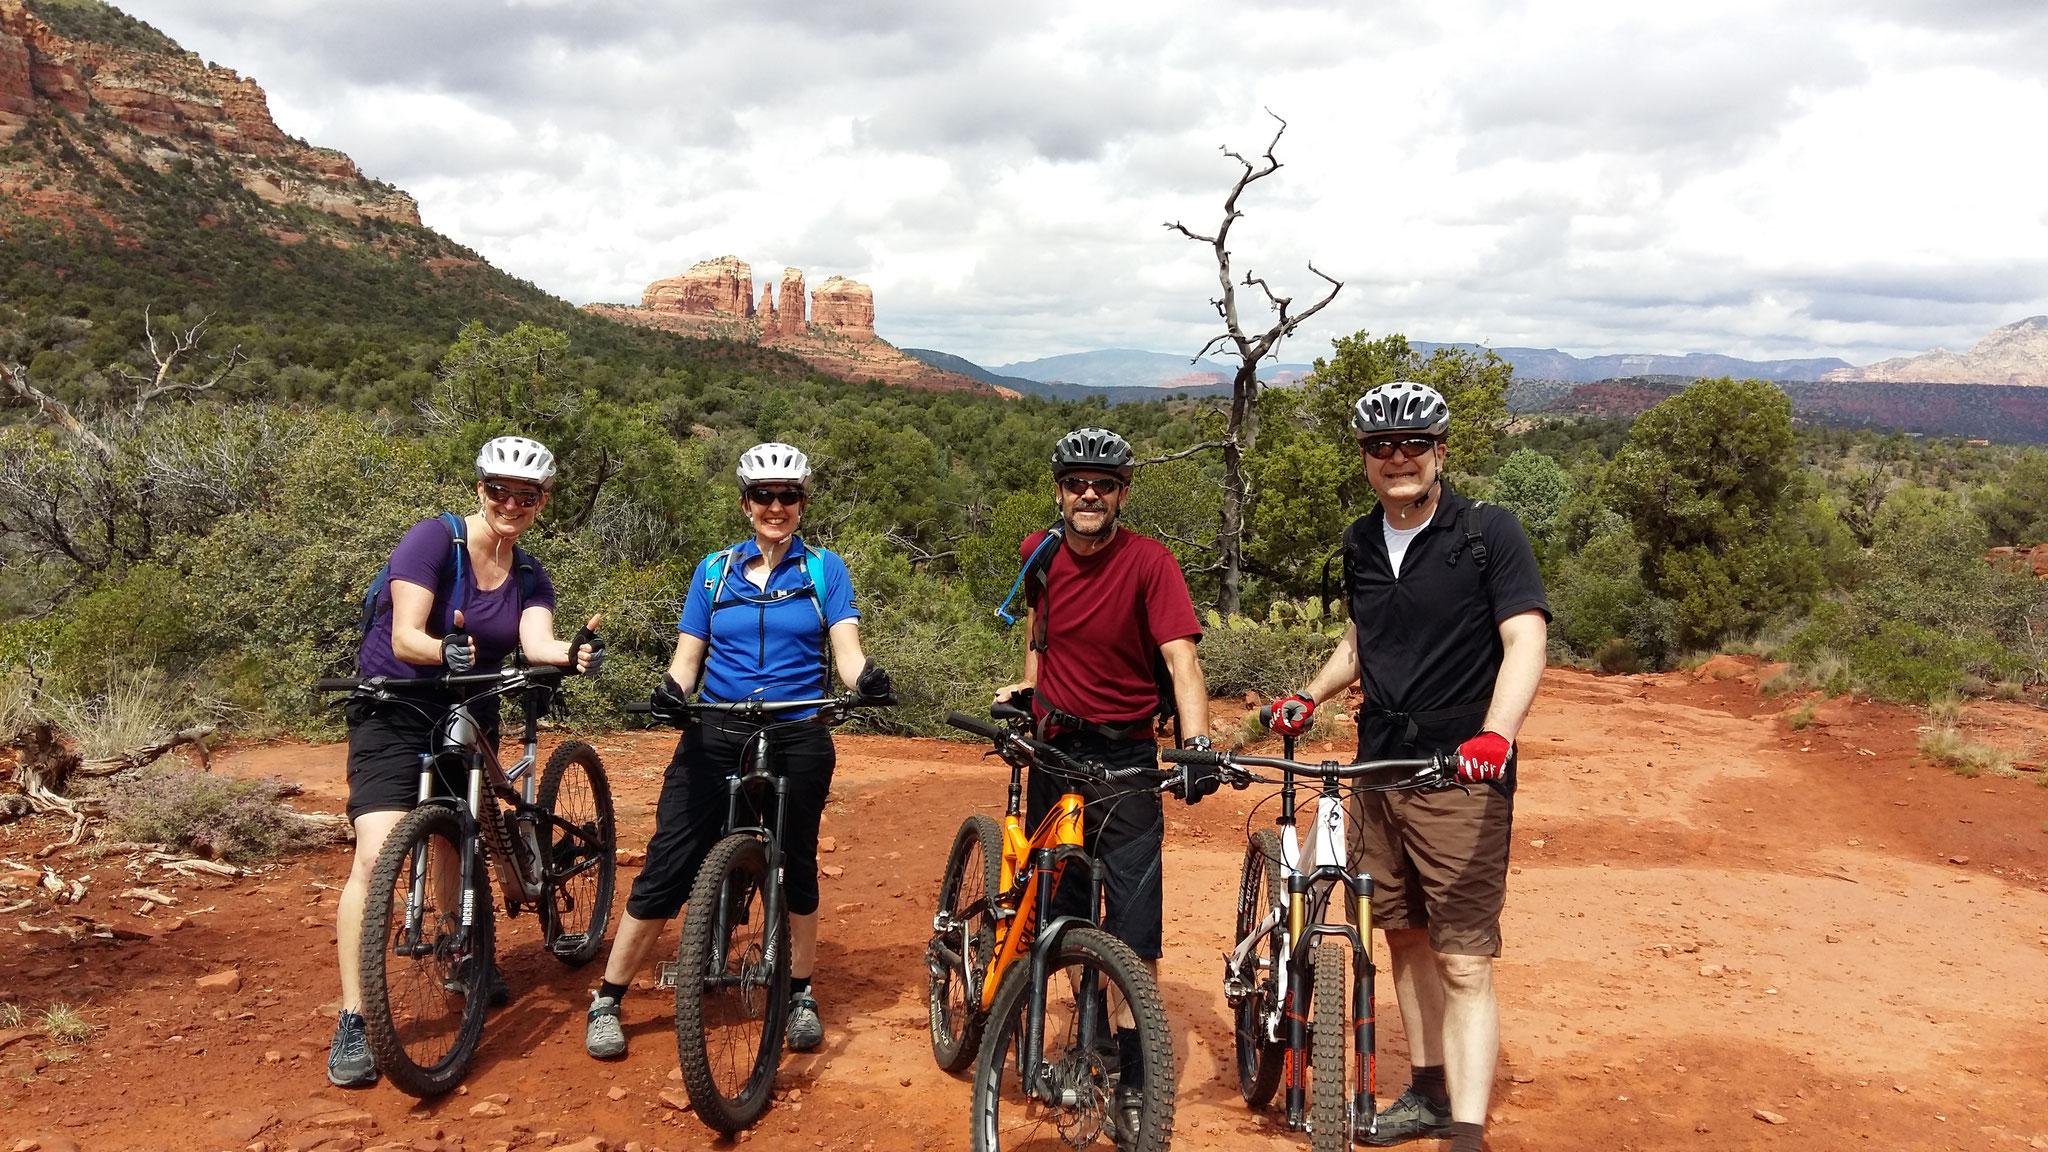 The mountainbike gang